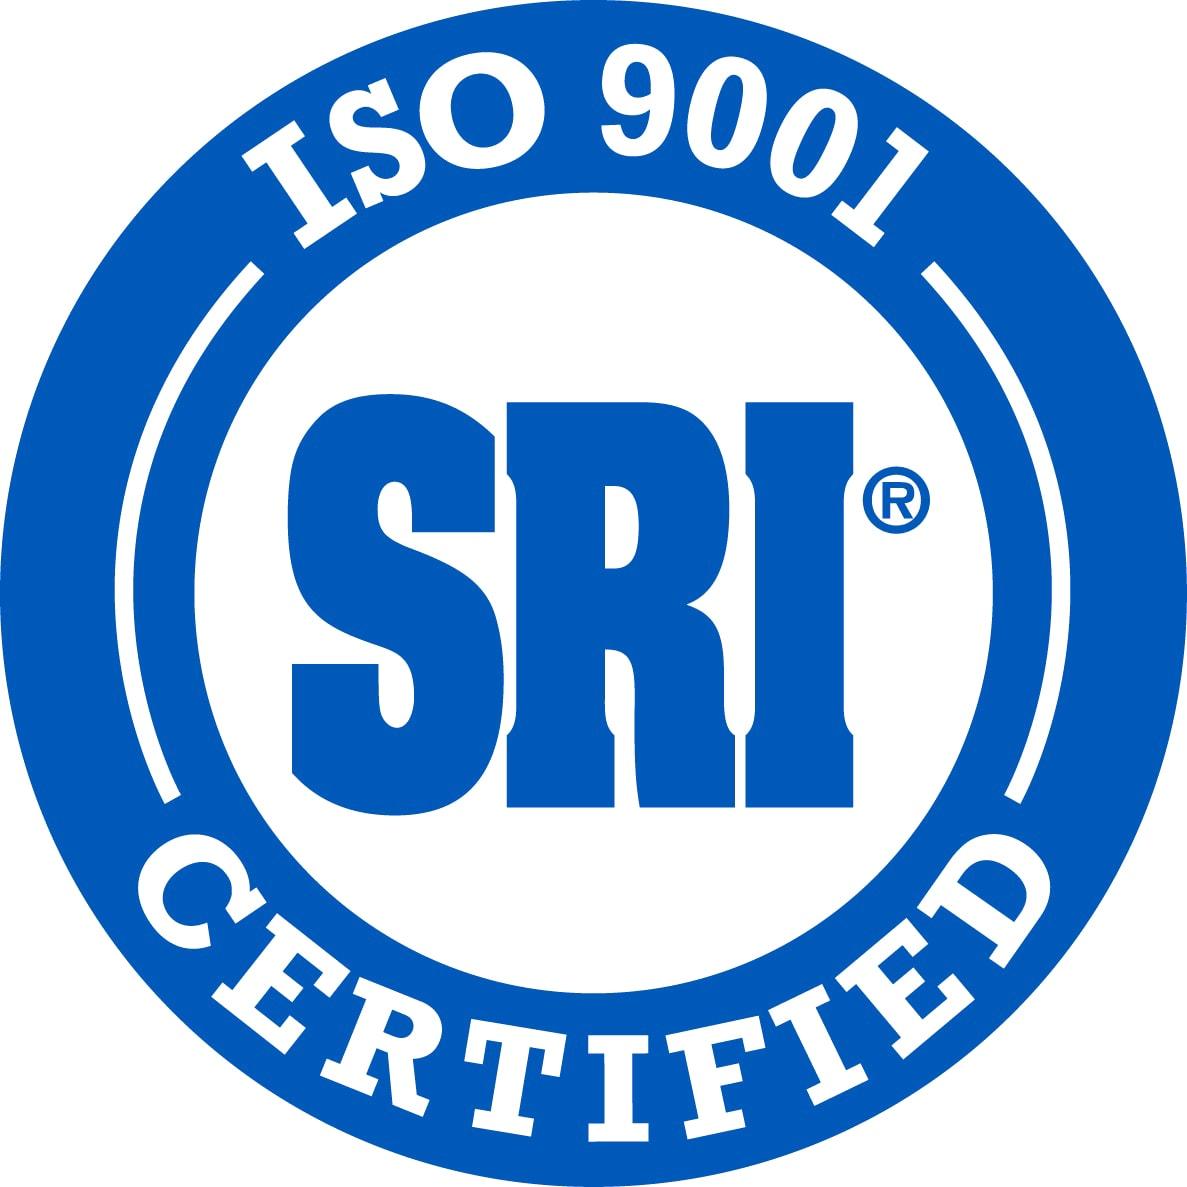 ISO 9001:2015 – ANSI/ISO/ASQ Q9001-2015